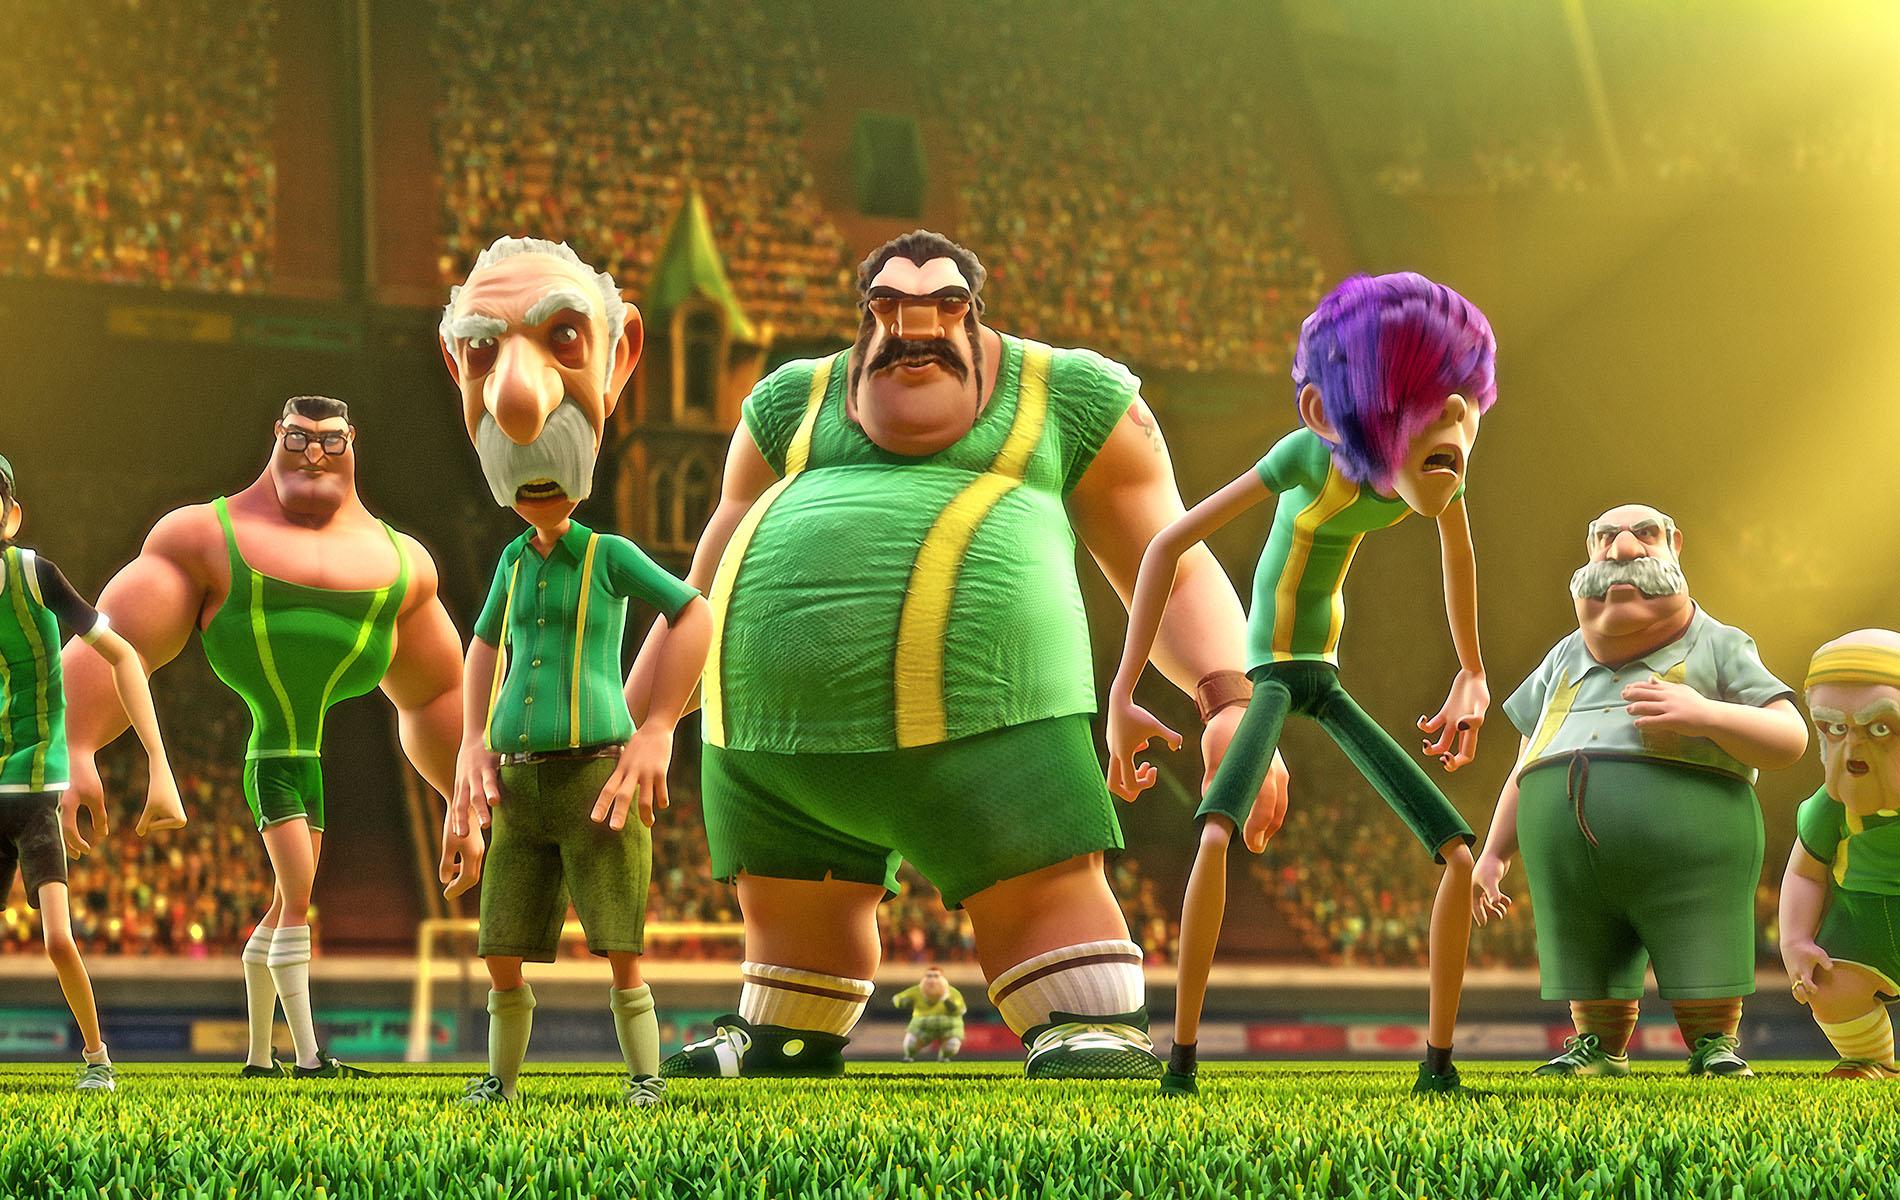 Kinostart der Woche (5. März 2015): Fußball – Großes Spiel mit kleinen Helden